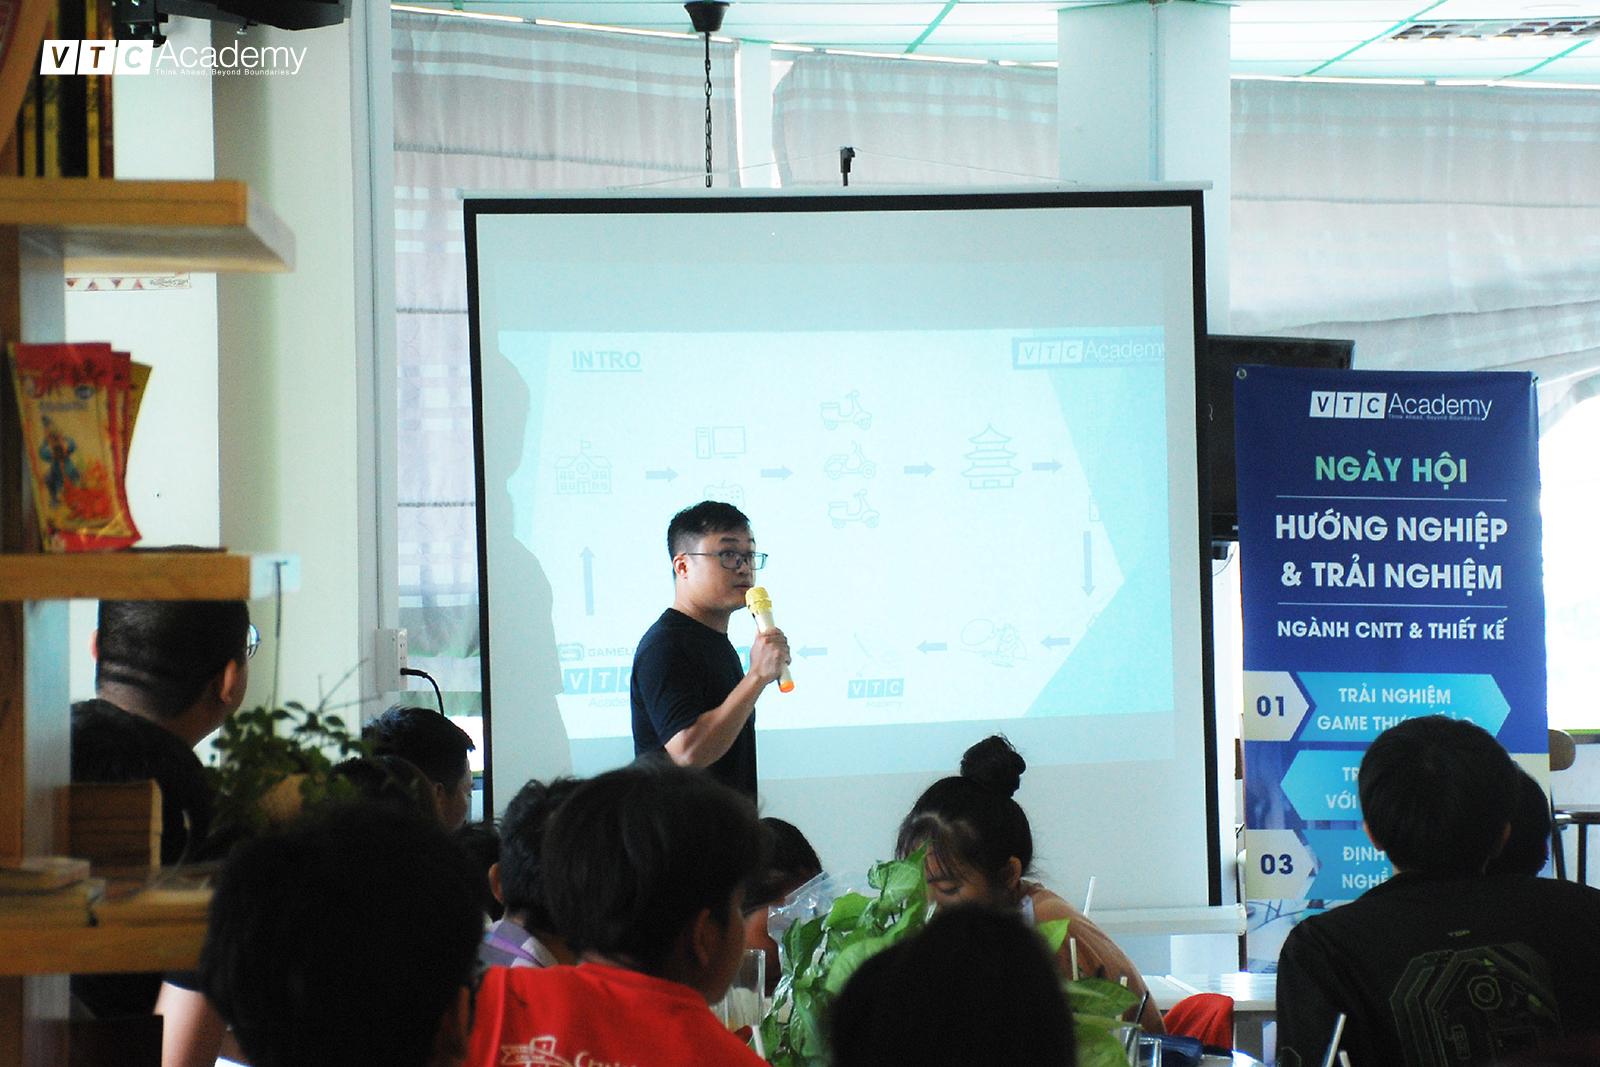 Ngày hội Hướng nghiệp & Trải nghiệm ngành CNTT & Thiết kế tại Long An